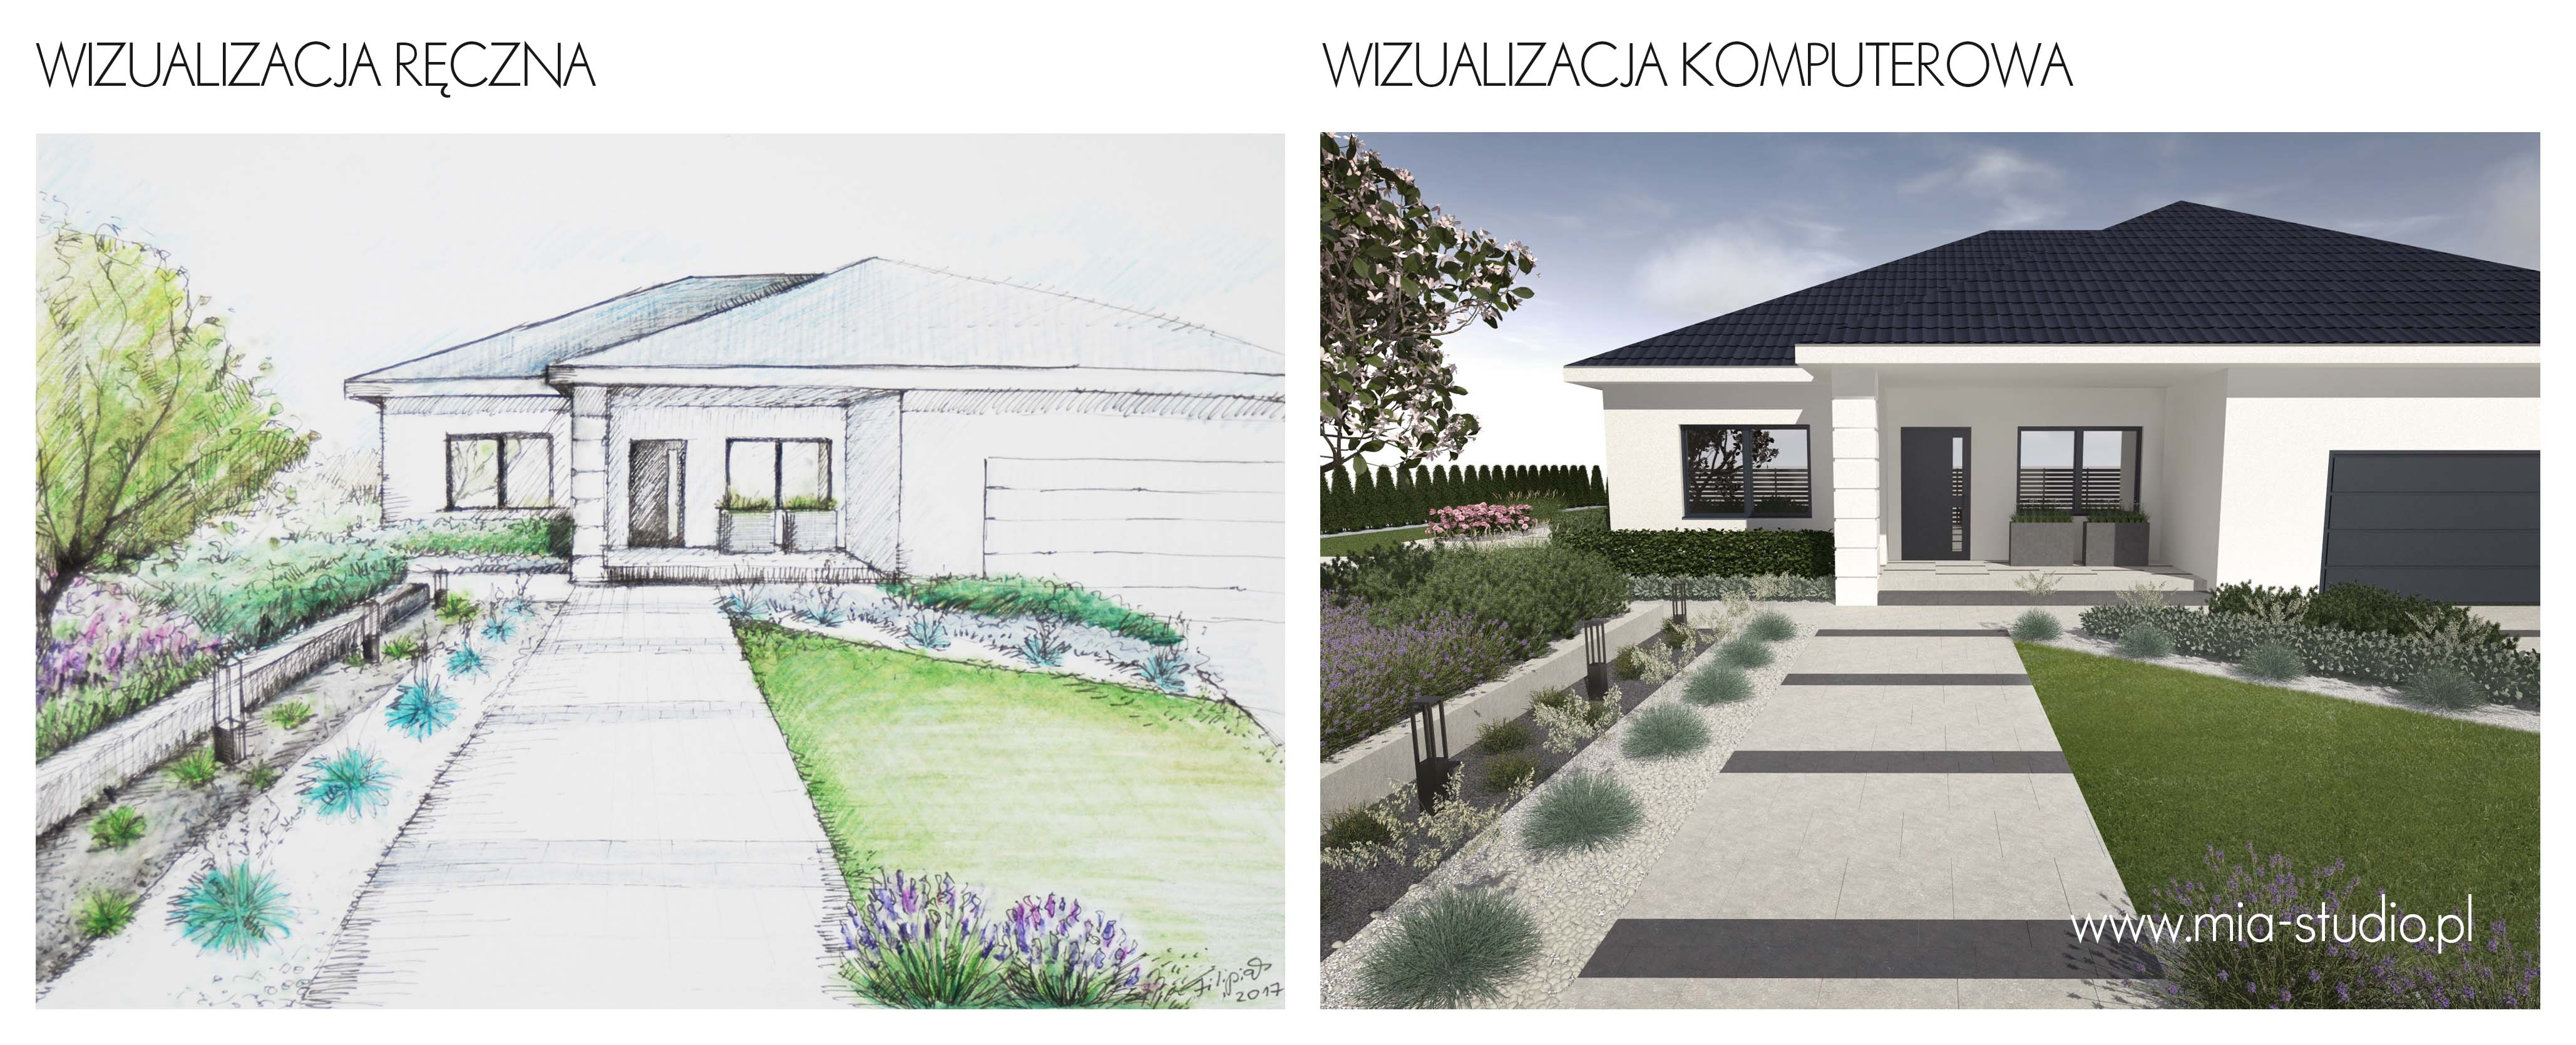 wizualizacja-reczna_wizualizacja-komputerowa